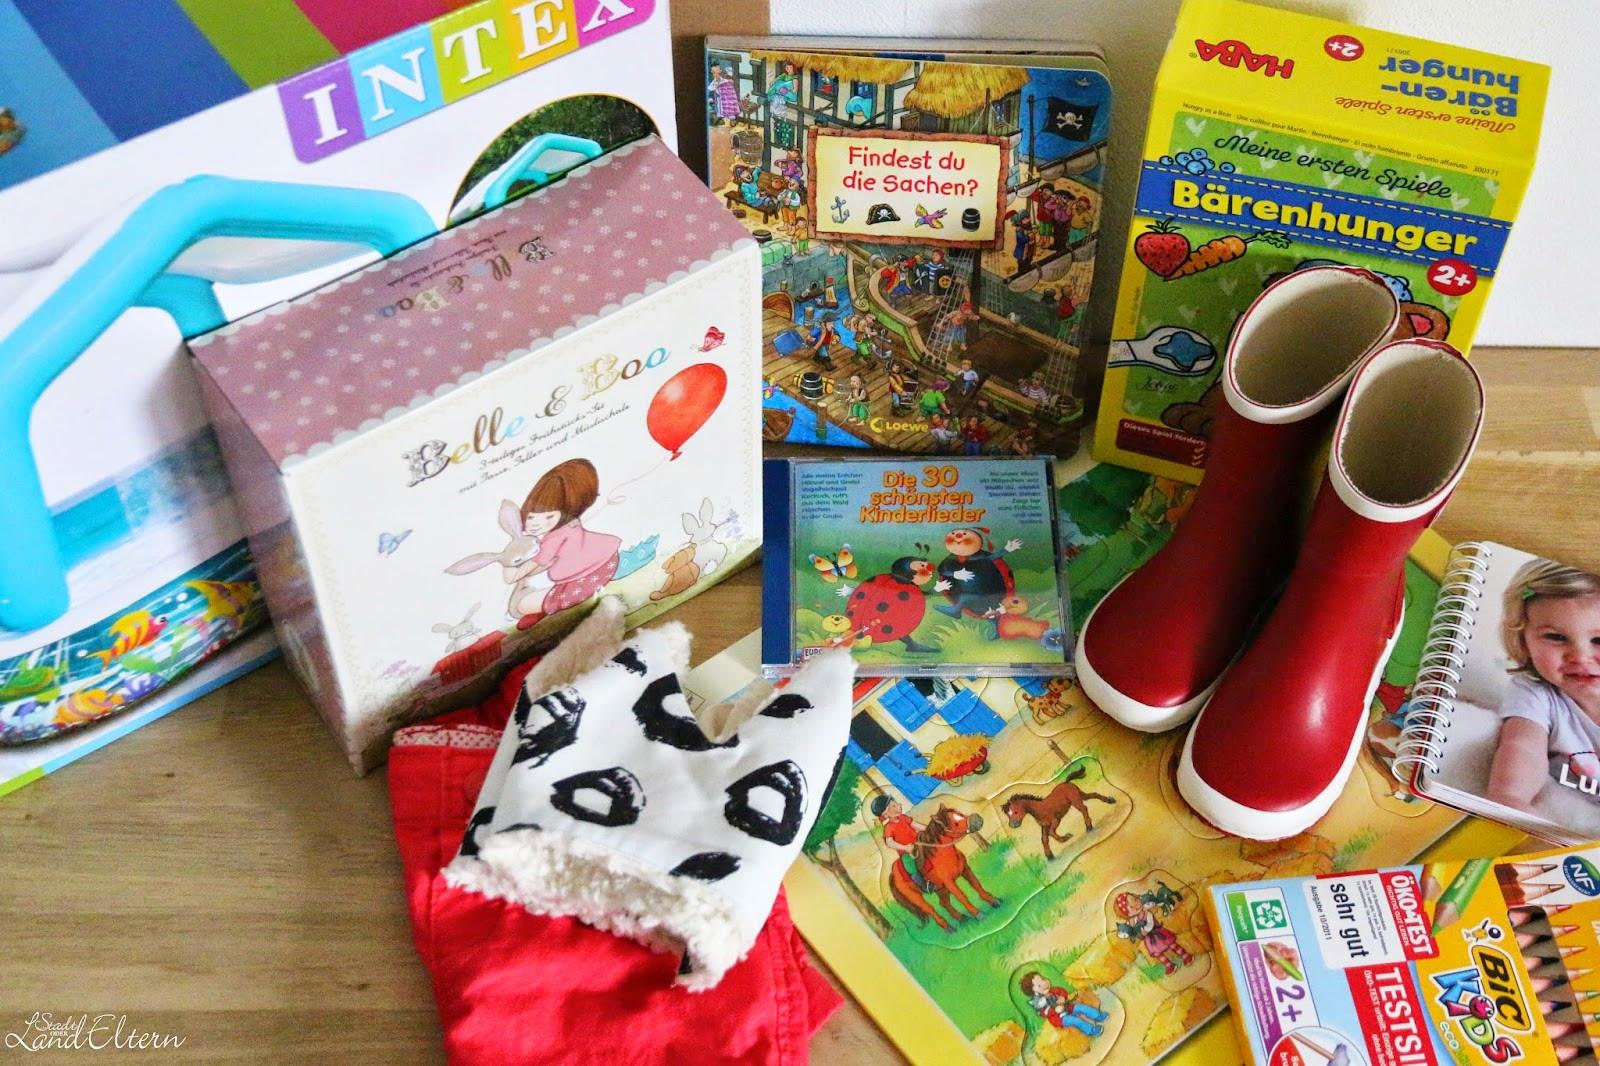 Geschenke Zum 2 Geburtstag  Lus 2 Geburtstag inkl Geschenkideen